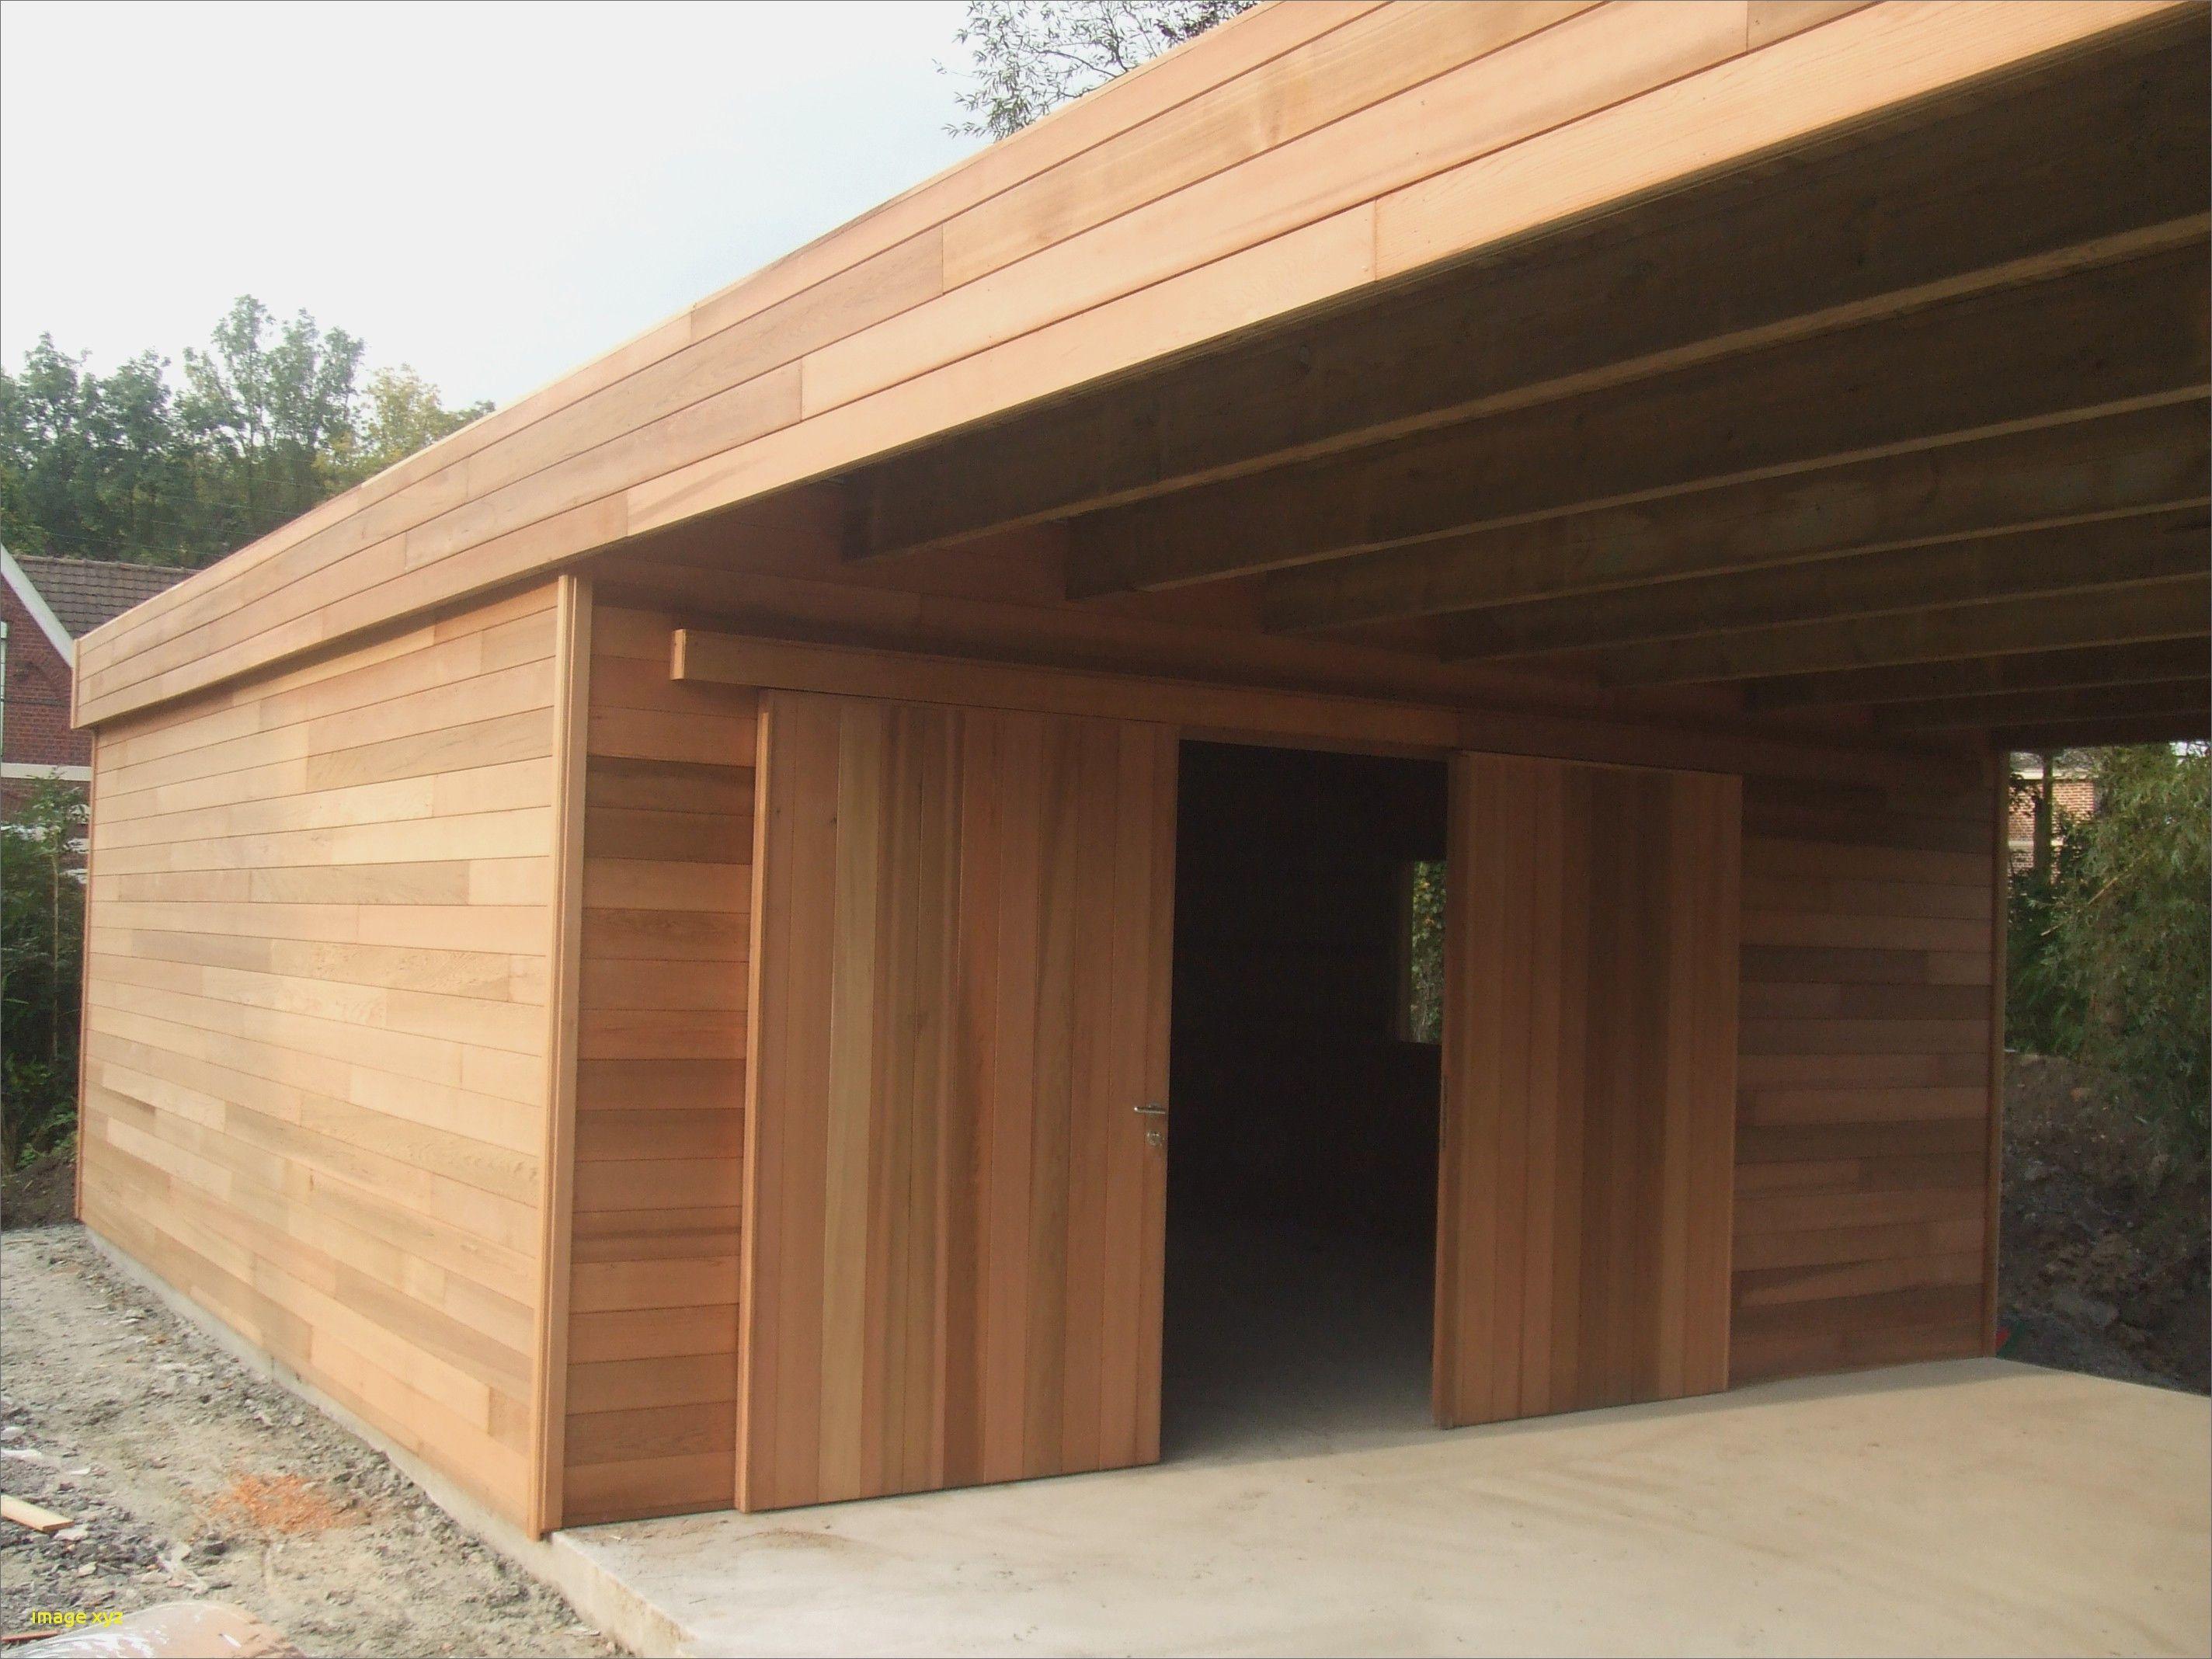 Fabricant De Carport Vend E Avec Garages Bois L Gant Garages Et Carports En Bois In 2020 Carport Garage Diy Carport Wooden Garage